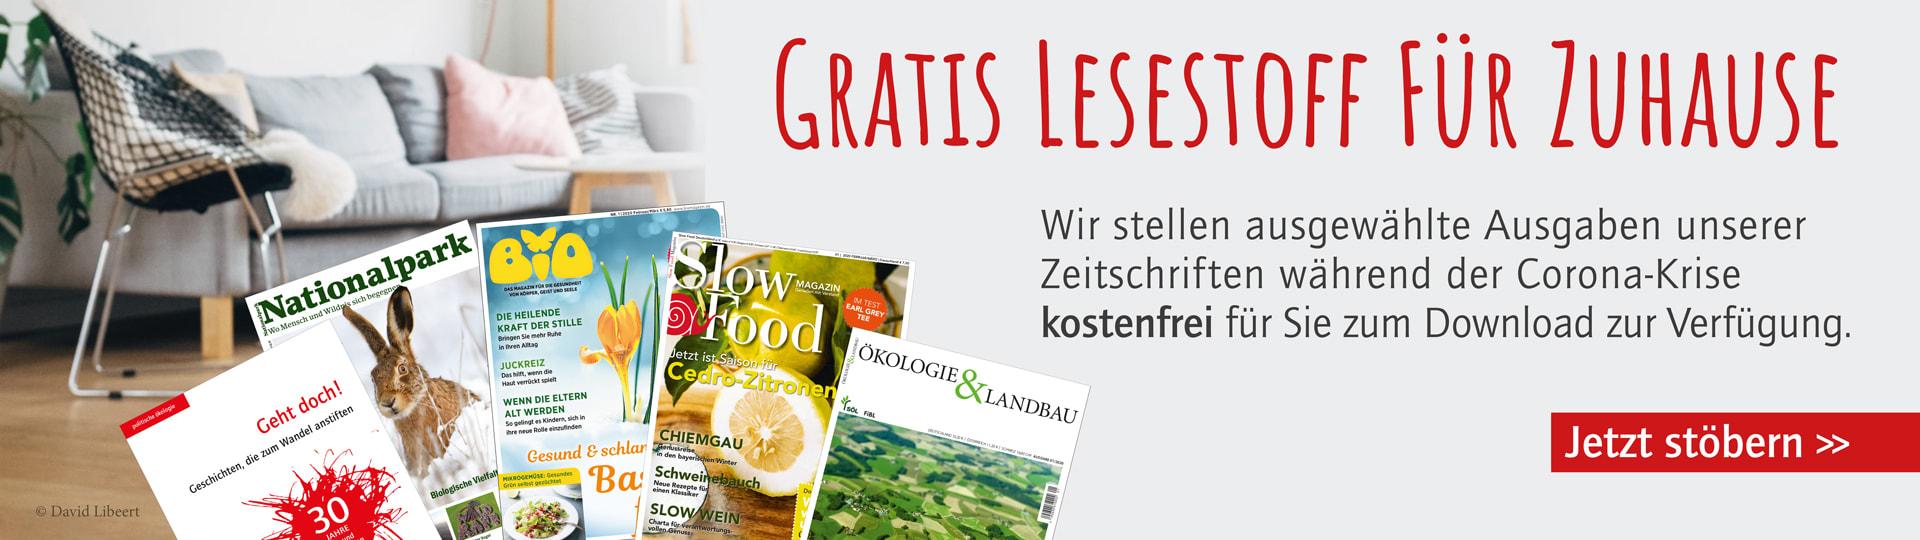 Kostenlose Leseproben der oekom-Zeitschriften in der Corona-Krise